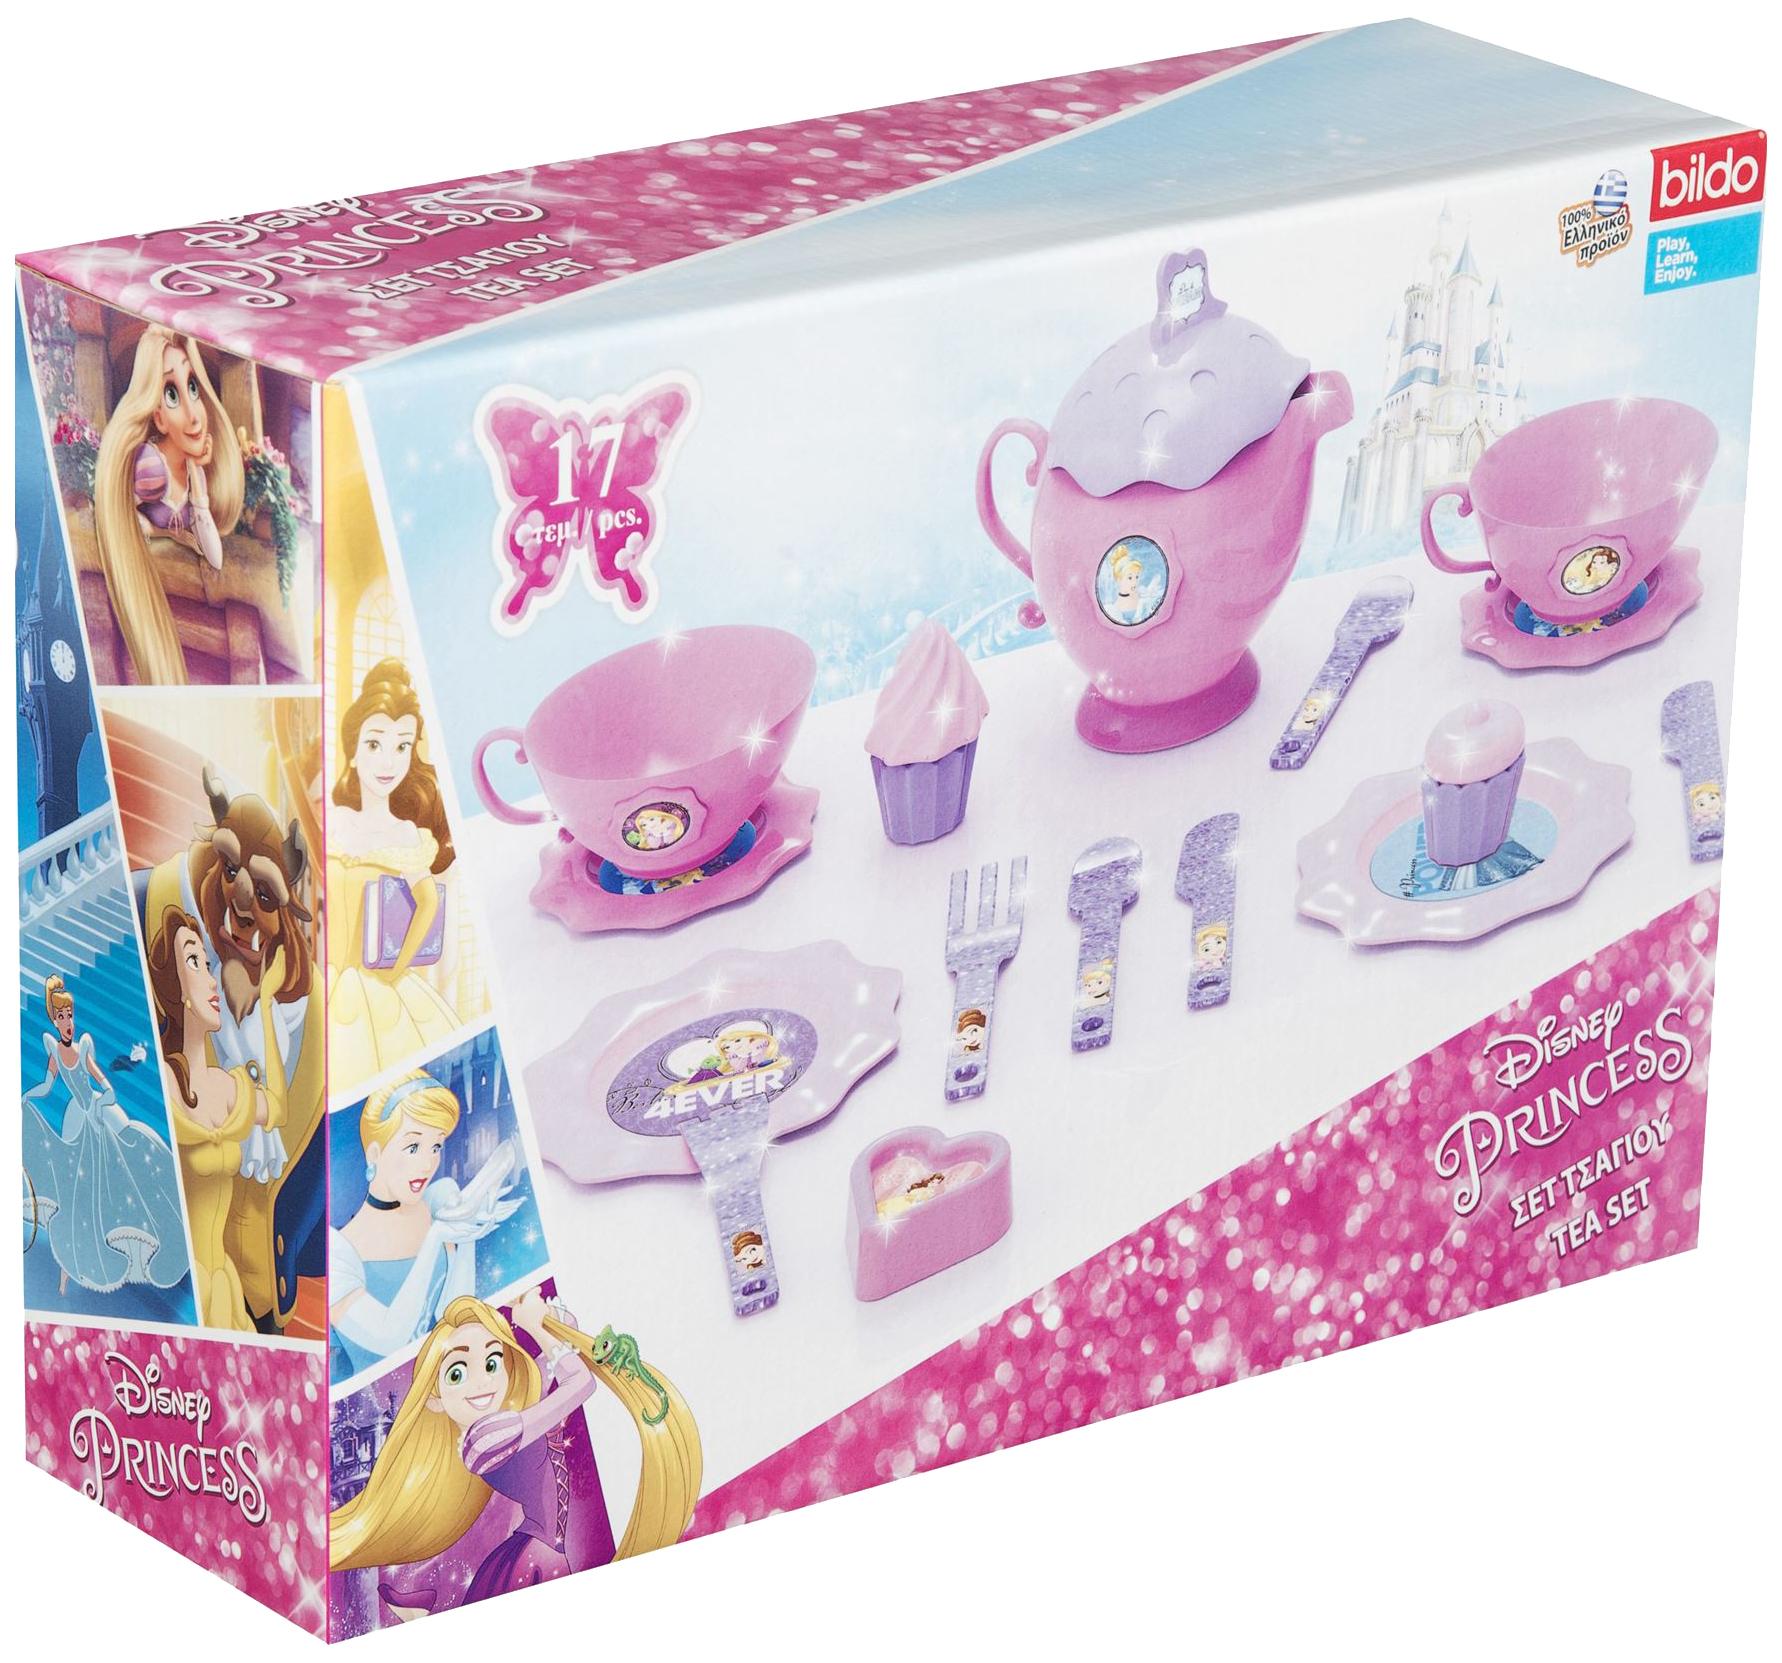 Набор посуды игрушечный Bildo Disney Princess Small